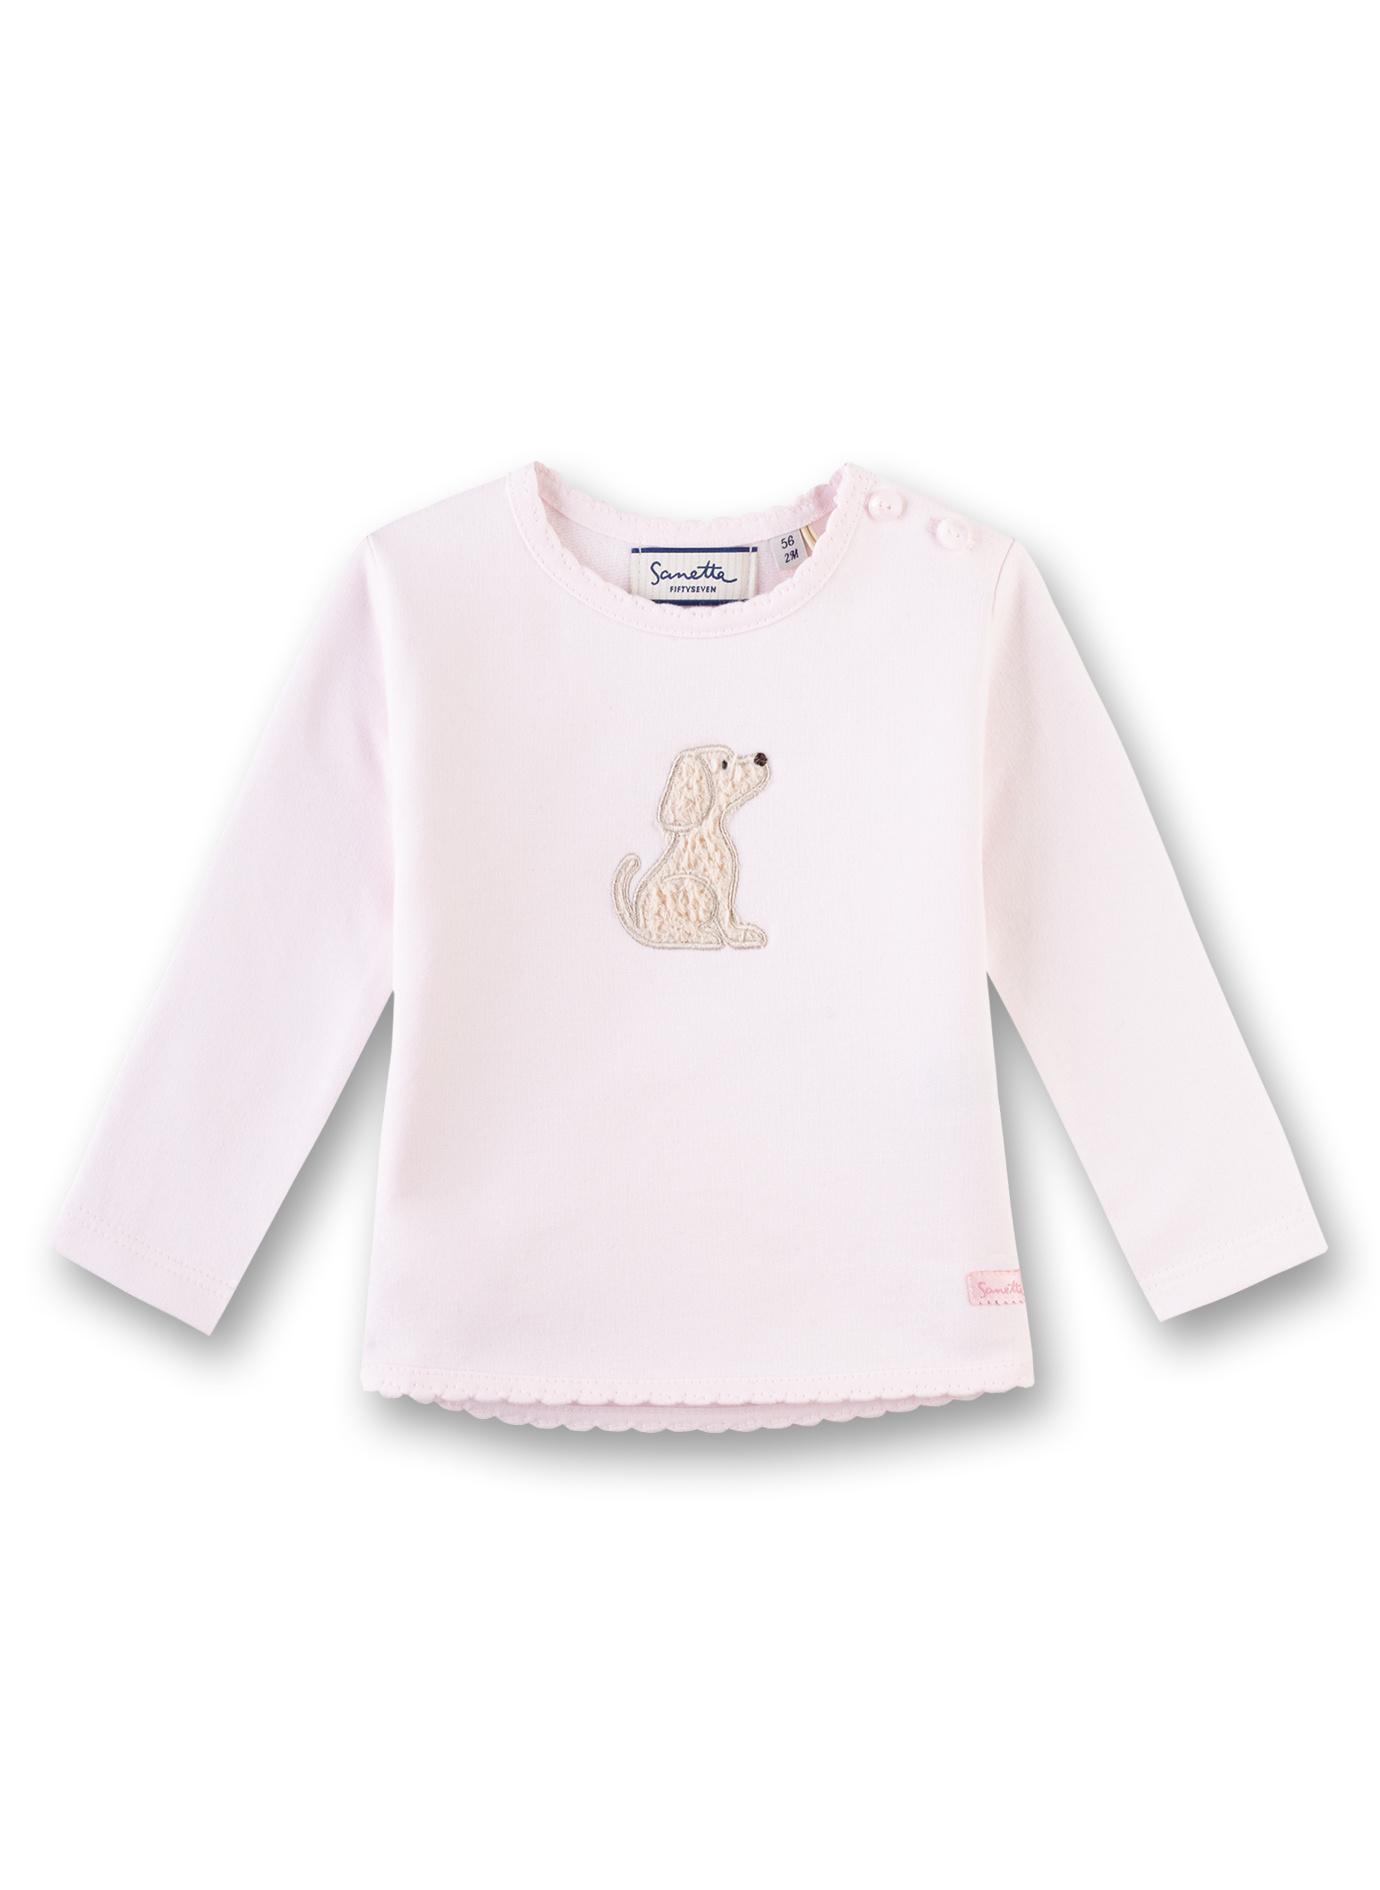 Hund Baby Baby Sanetta Baby Rosa Sweatshirt Sanetta Hund Sanetta Sweatshirt Rosa deWxBoQrC